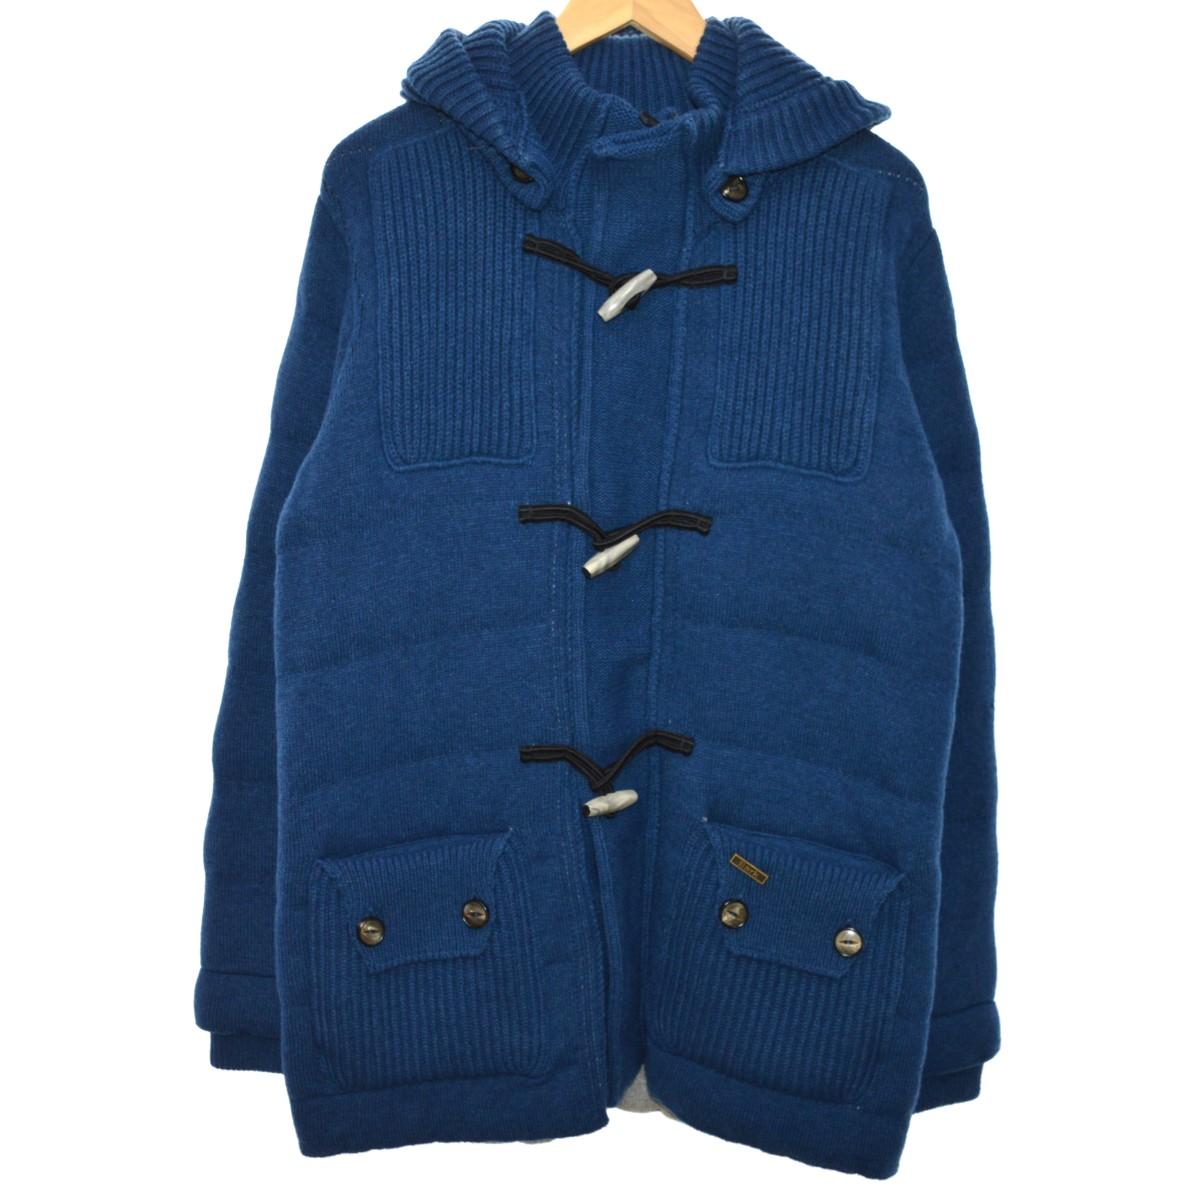 【中古】BARK 13AW Short Duffel Coat ショートダッフルコート ブルー サイズ:M 【130520】(バーク)